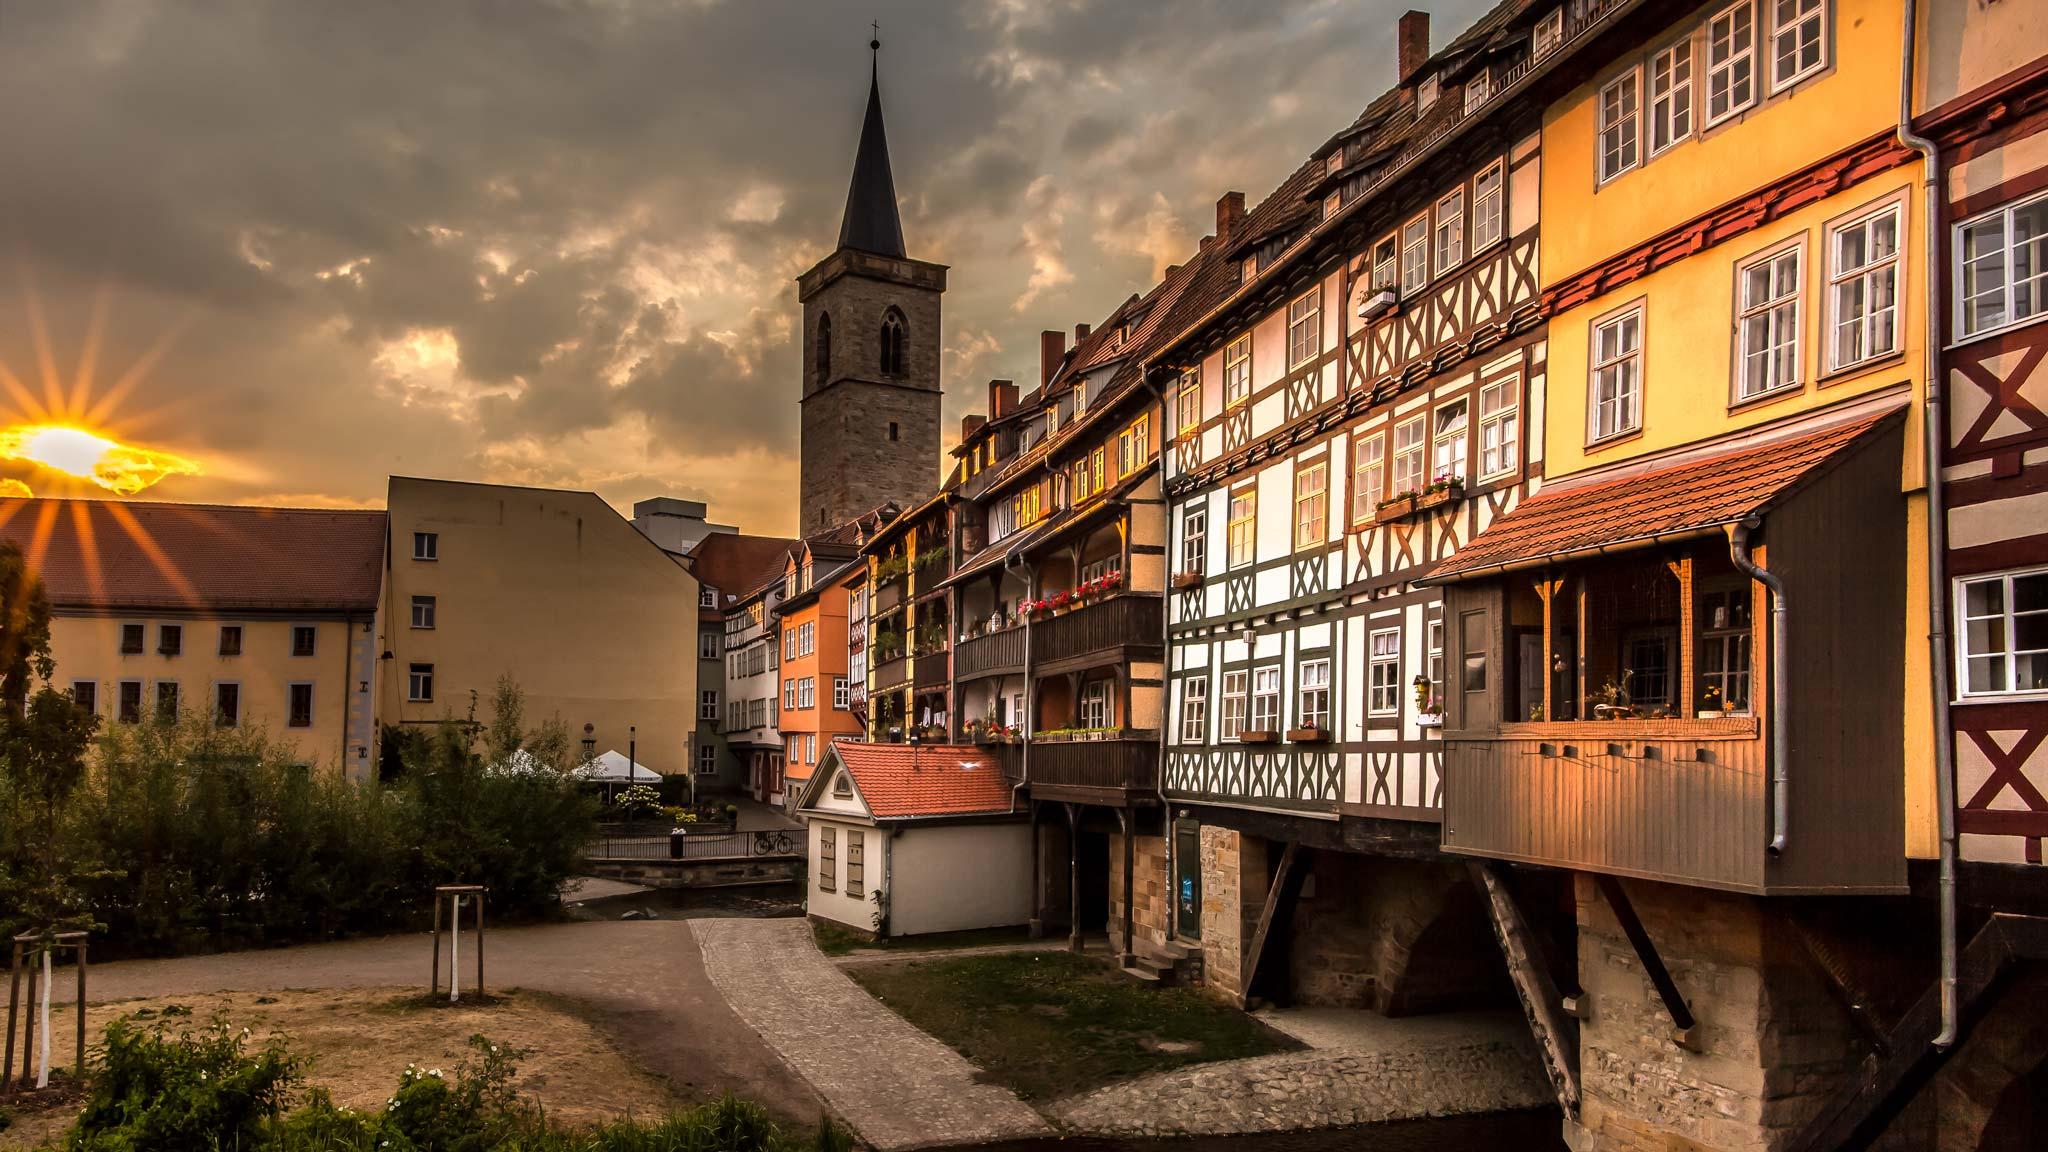 Sunrise Erfurt Thuringia